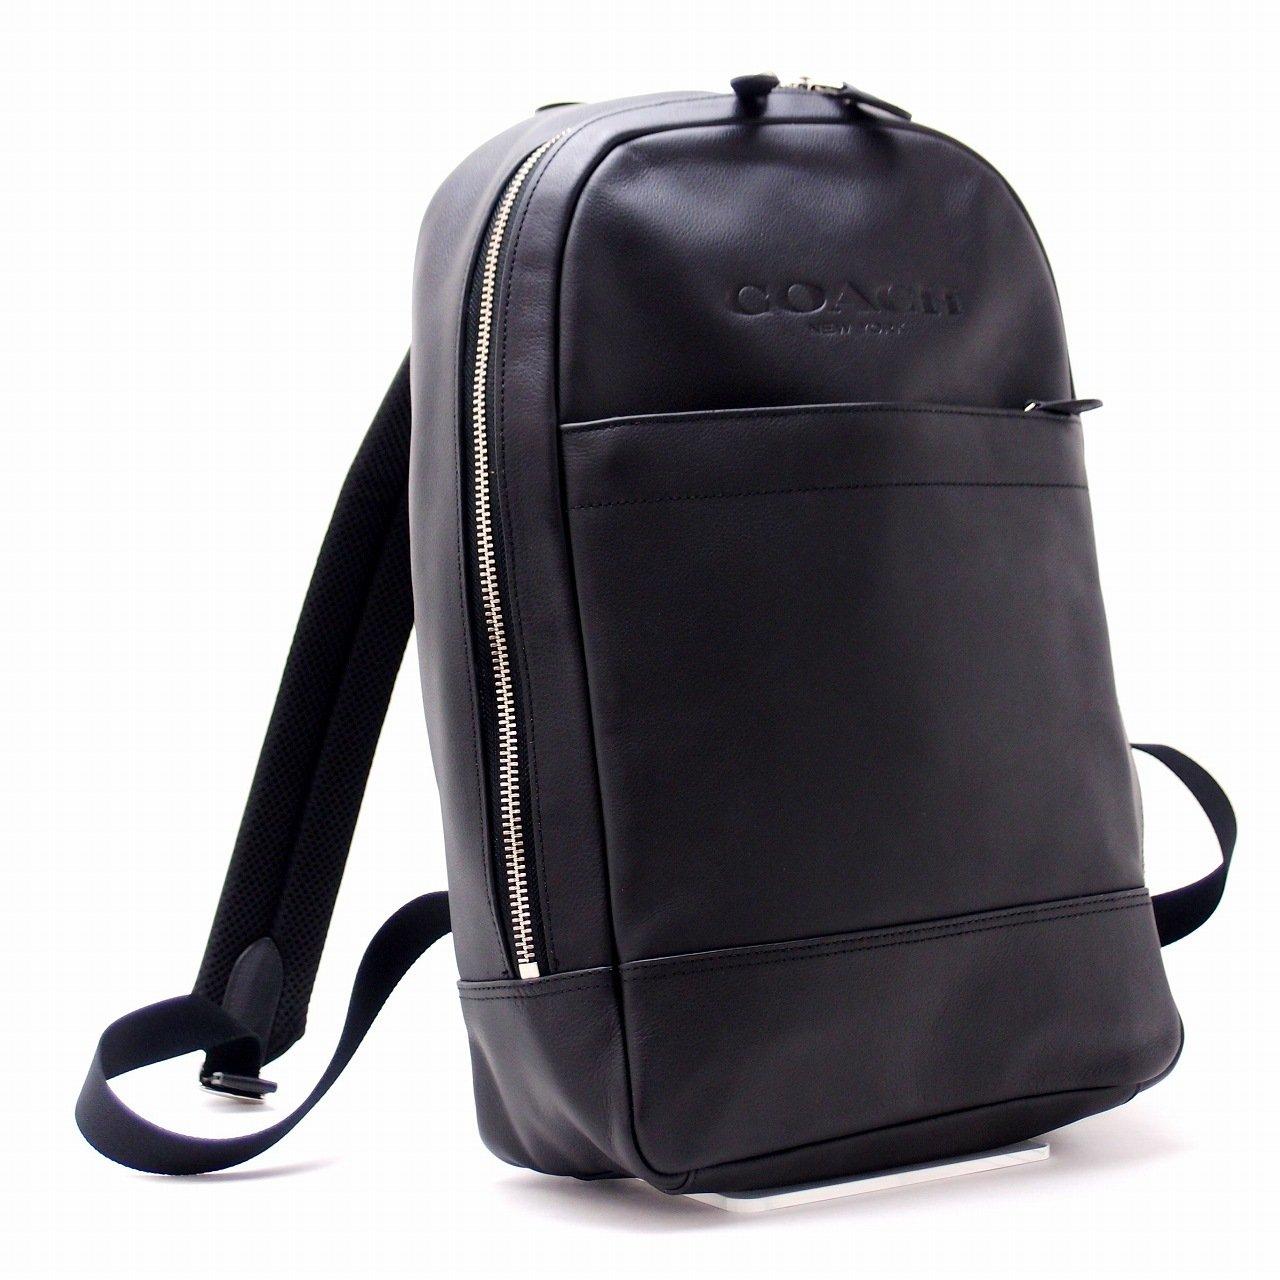 コーチ バッグ メンズ ショルダーバッグ バックパック リュック 54135BLK [アウトレット品] [並行輸入品] B077761JGK